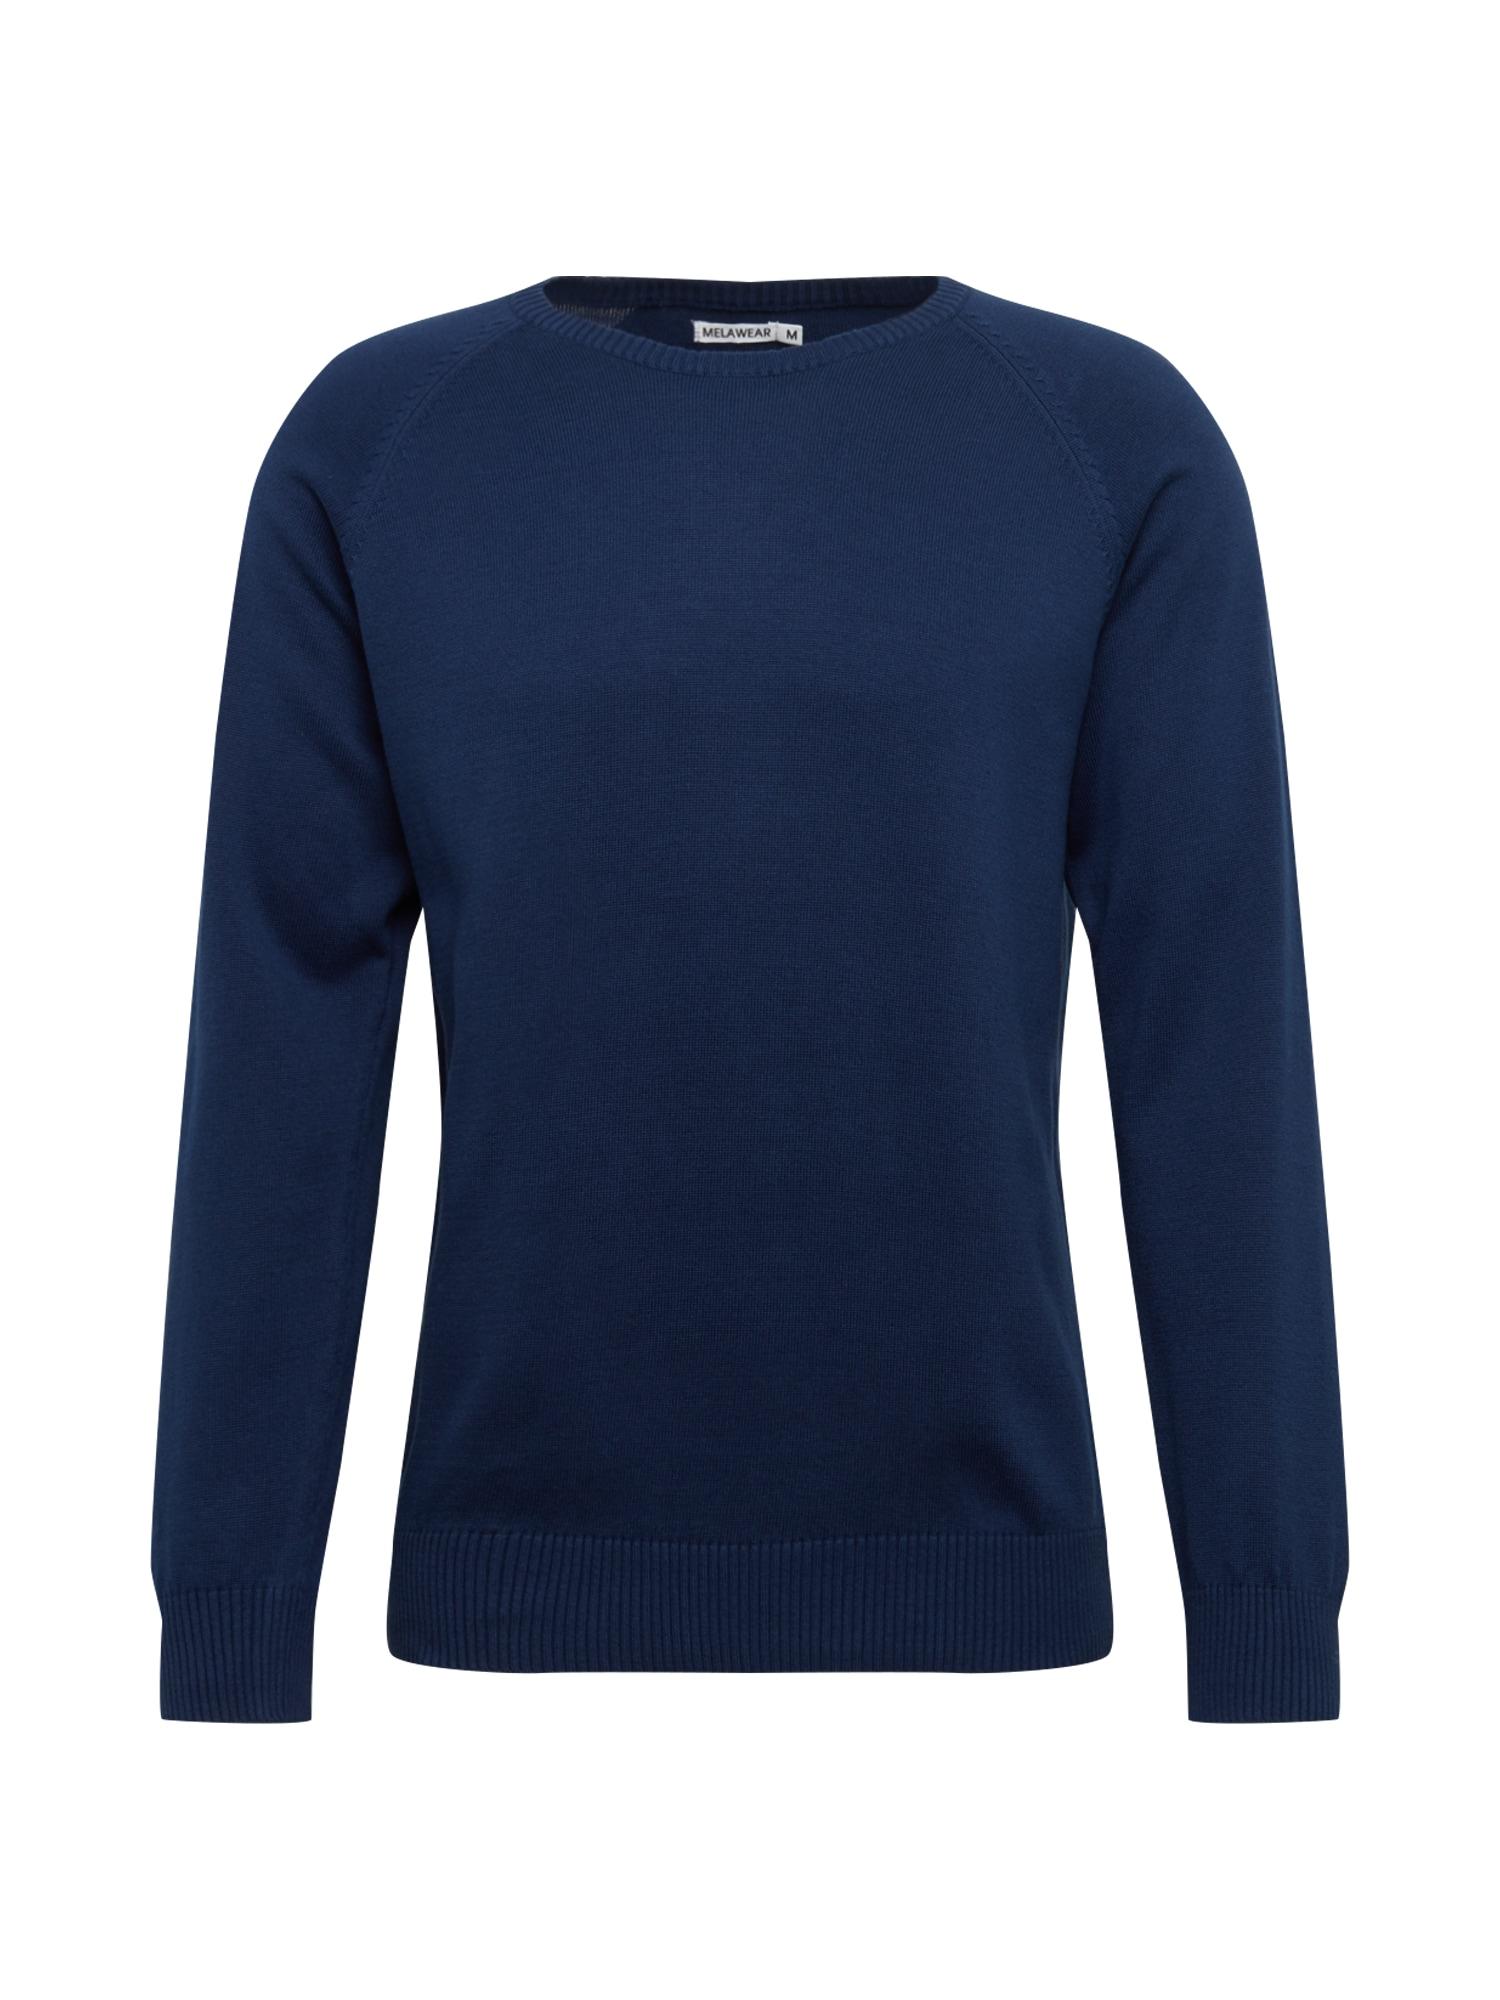 MELAWEAR Megztinis tamsiai mėlyna / mėlyna